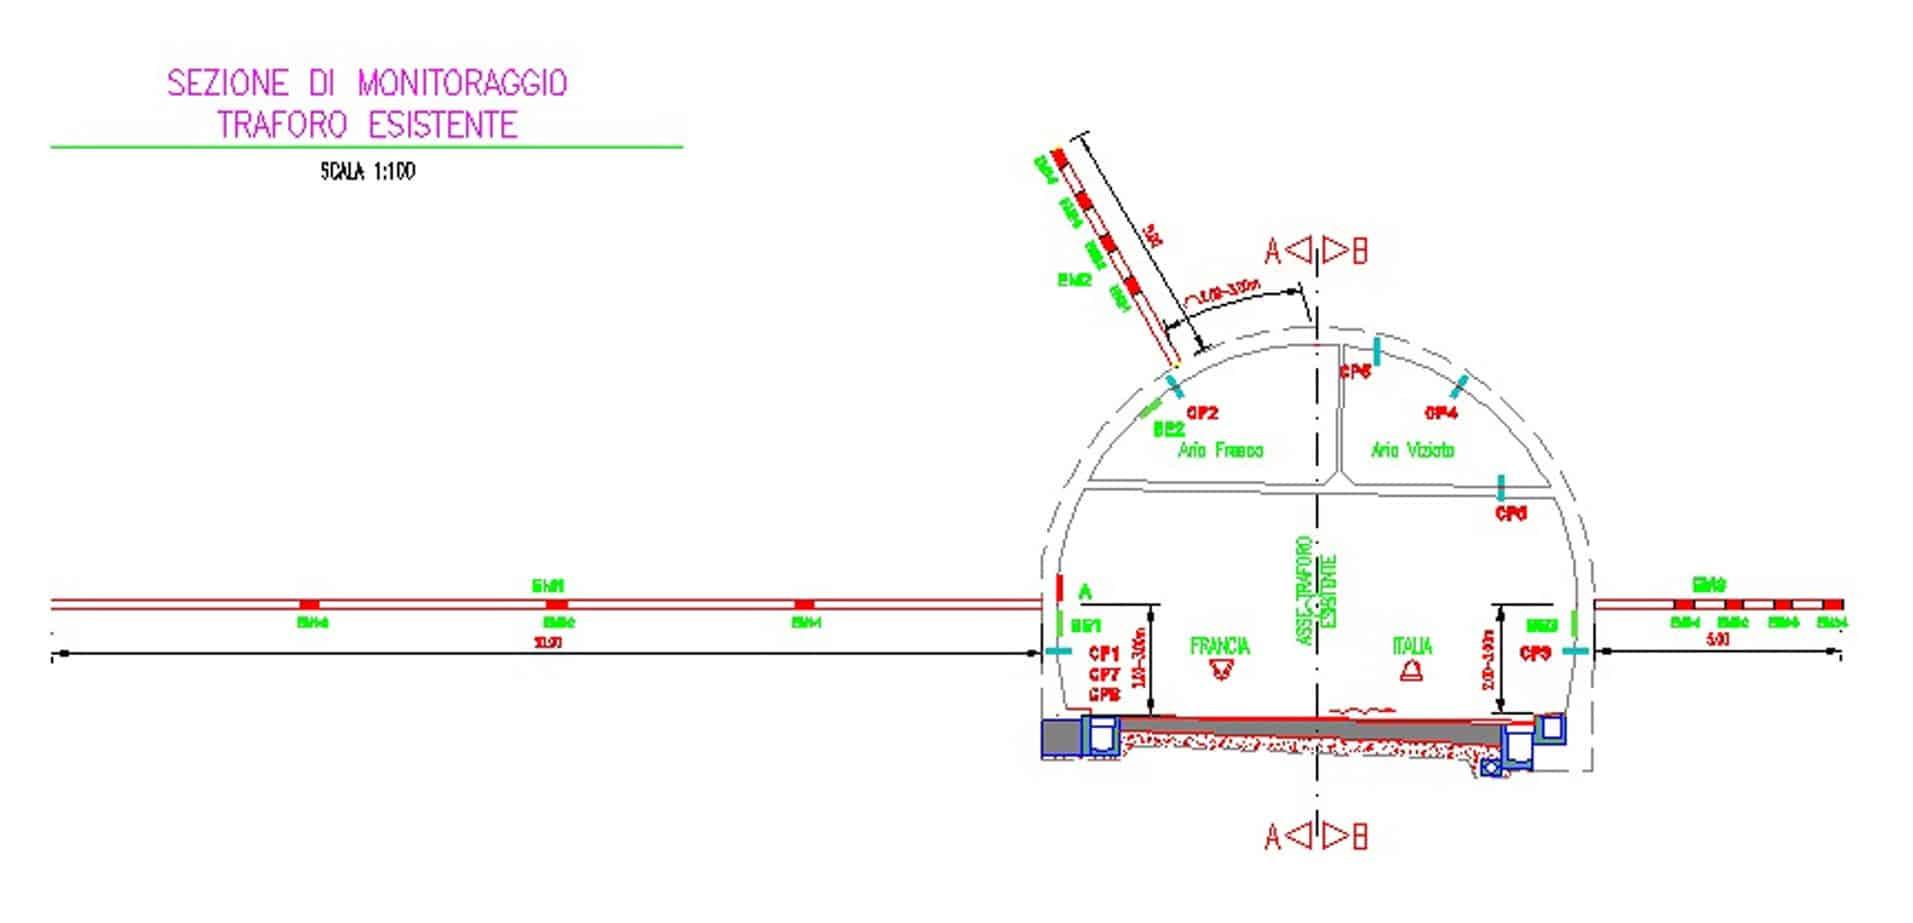 La sezione di monitoraggio del traforo esistente